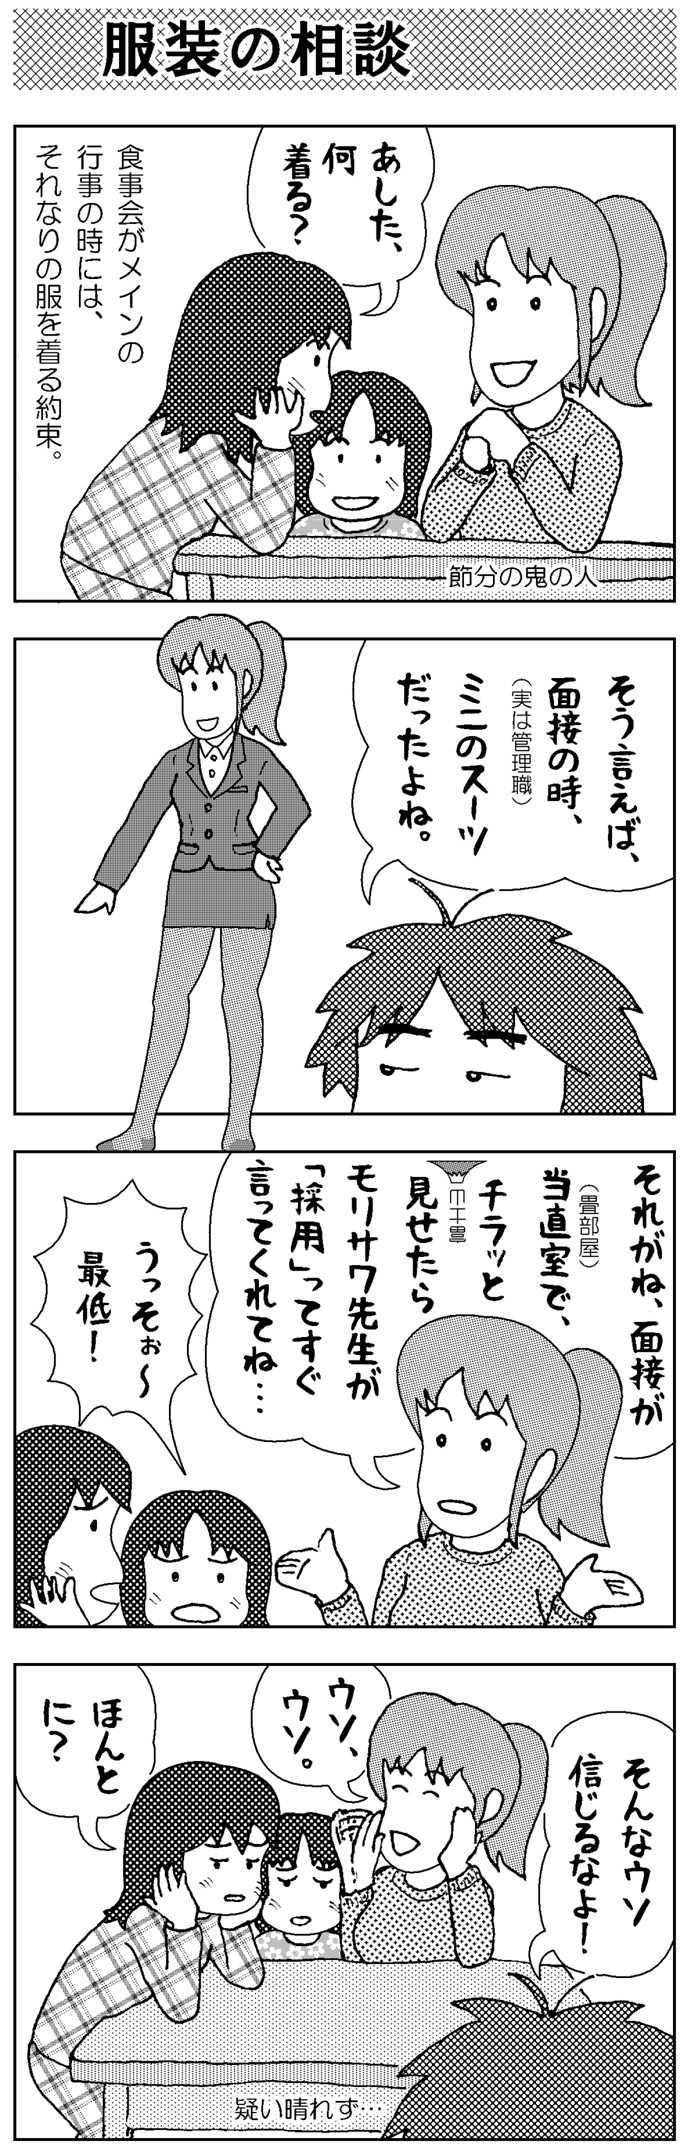 服装の相談